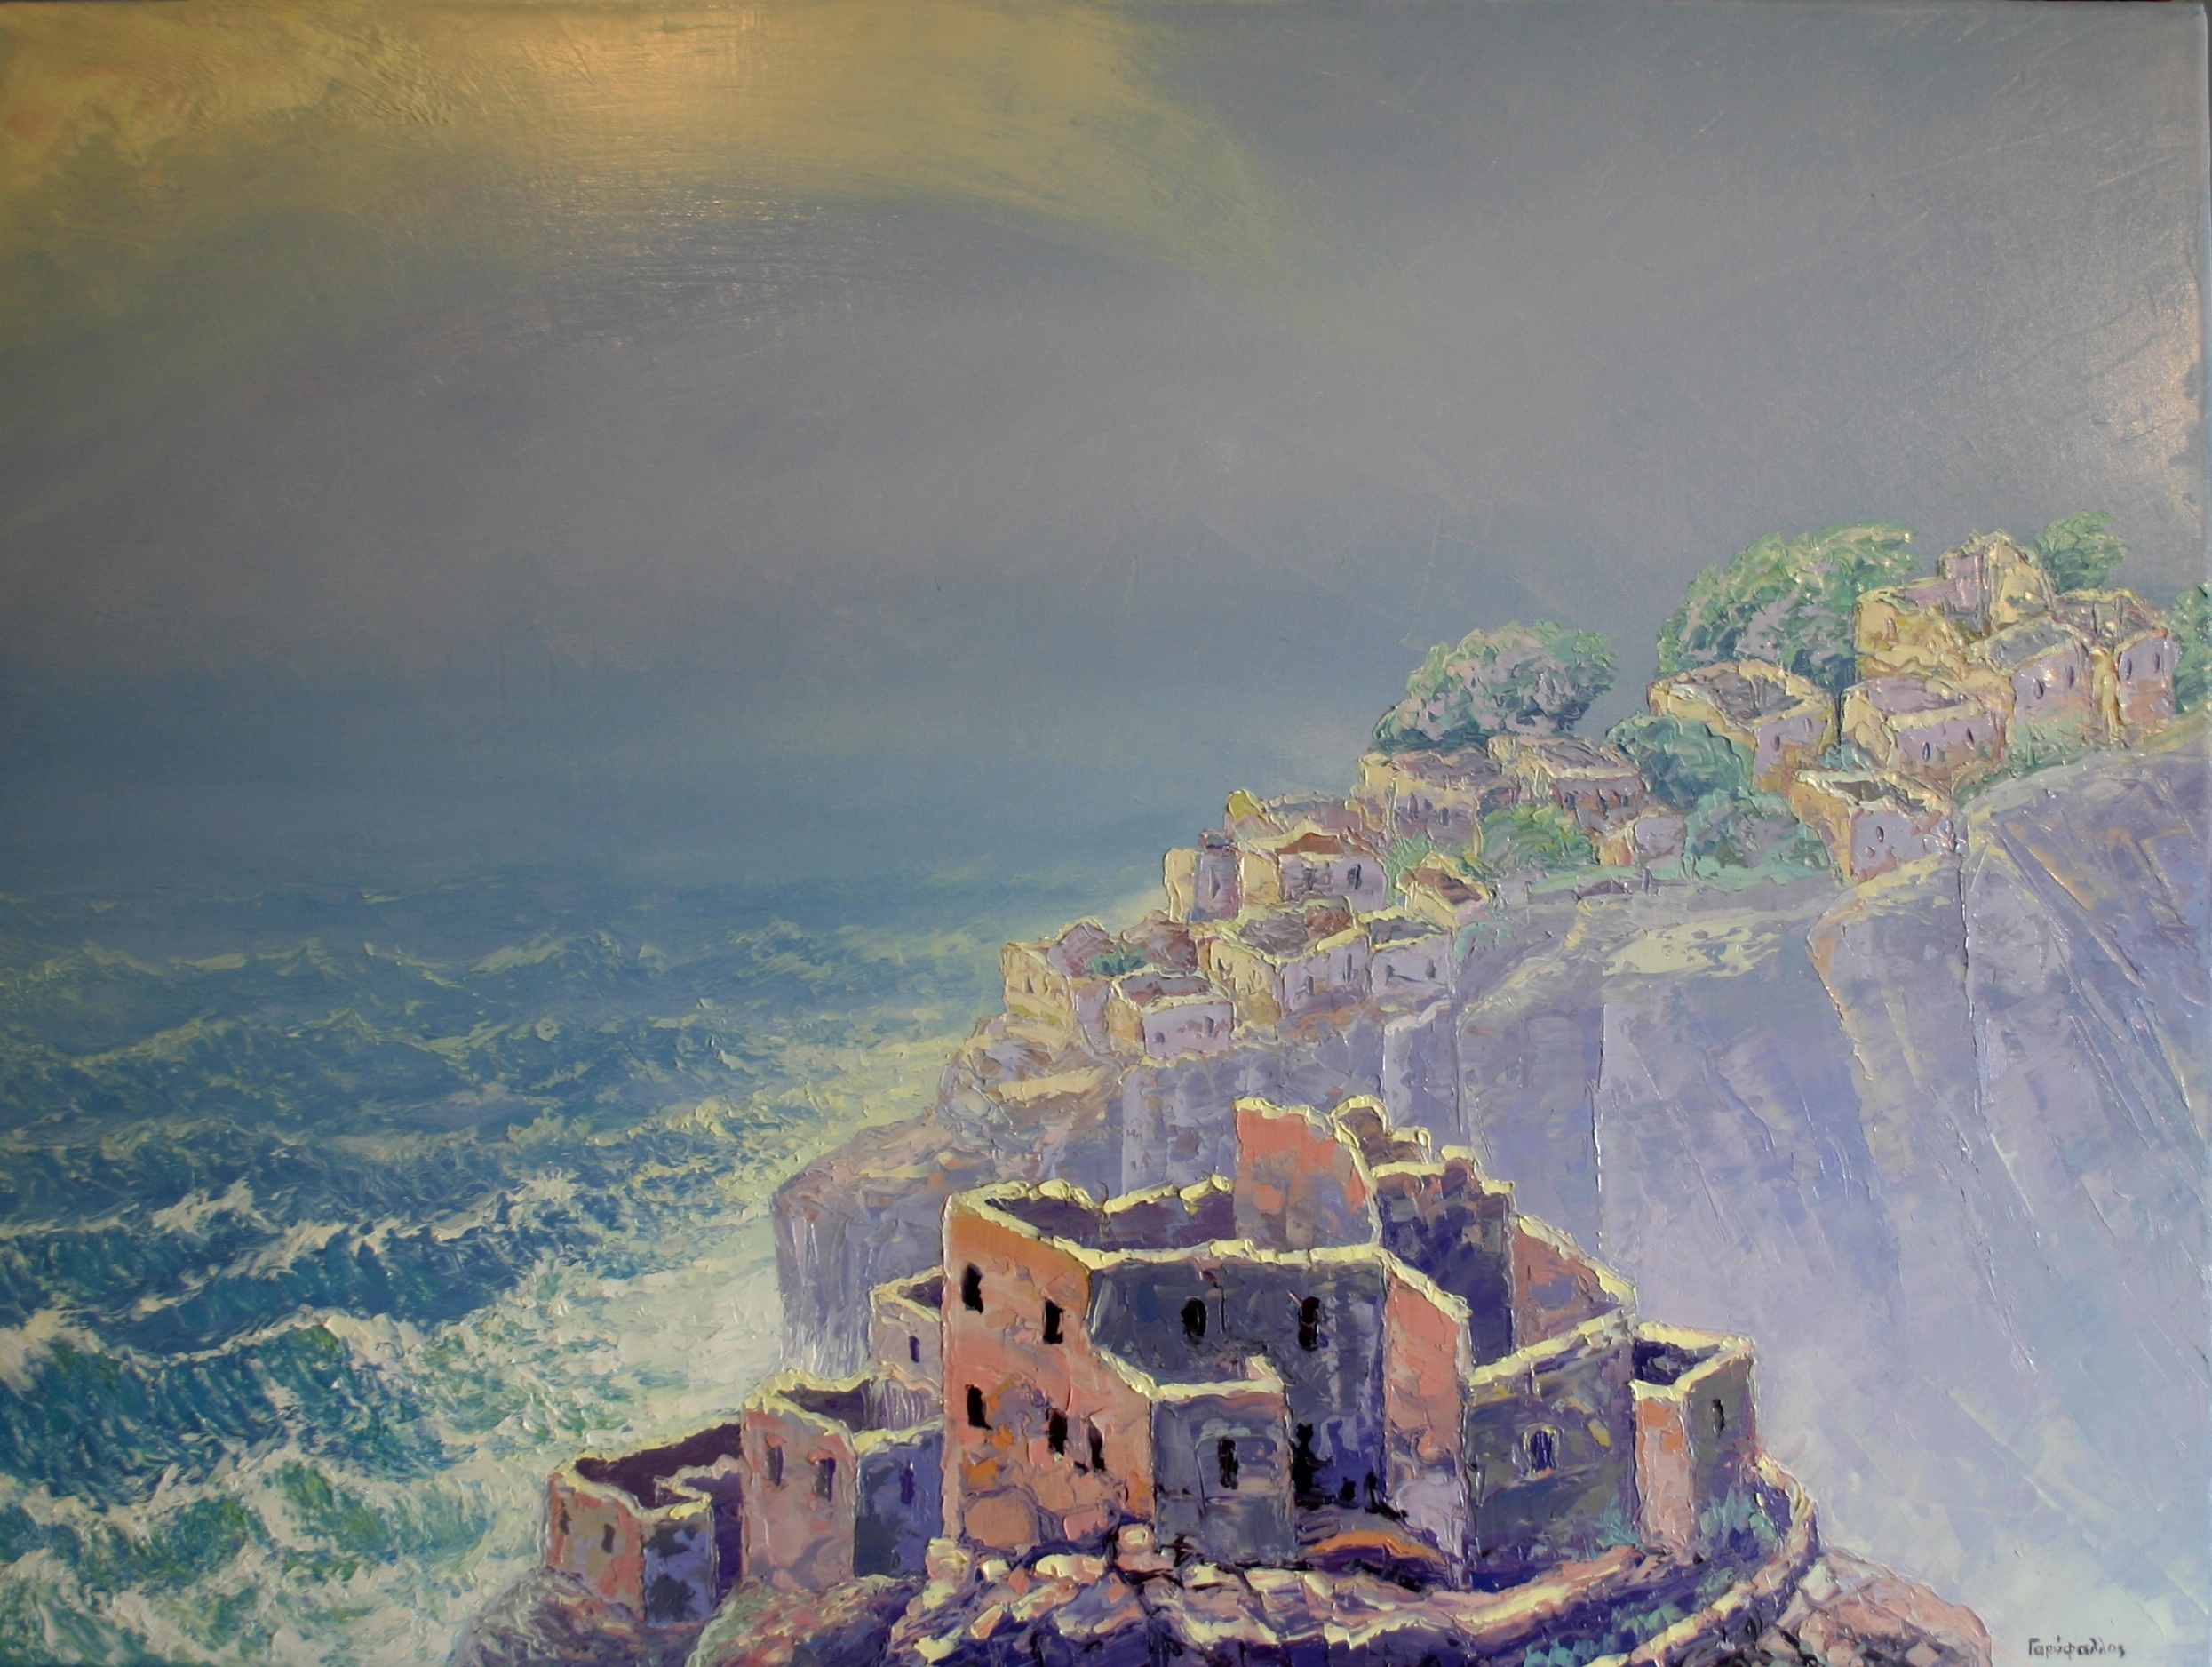 Φουρτούνα στους ερειπιώνες, Ελαιογραφία